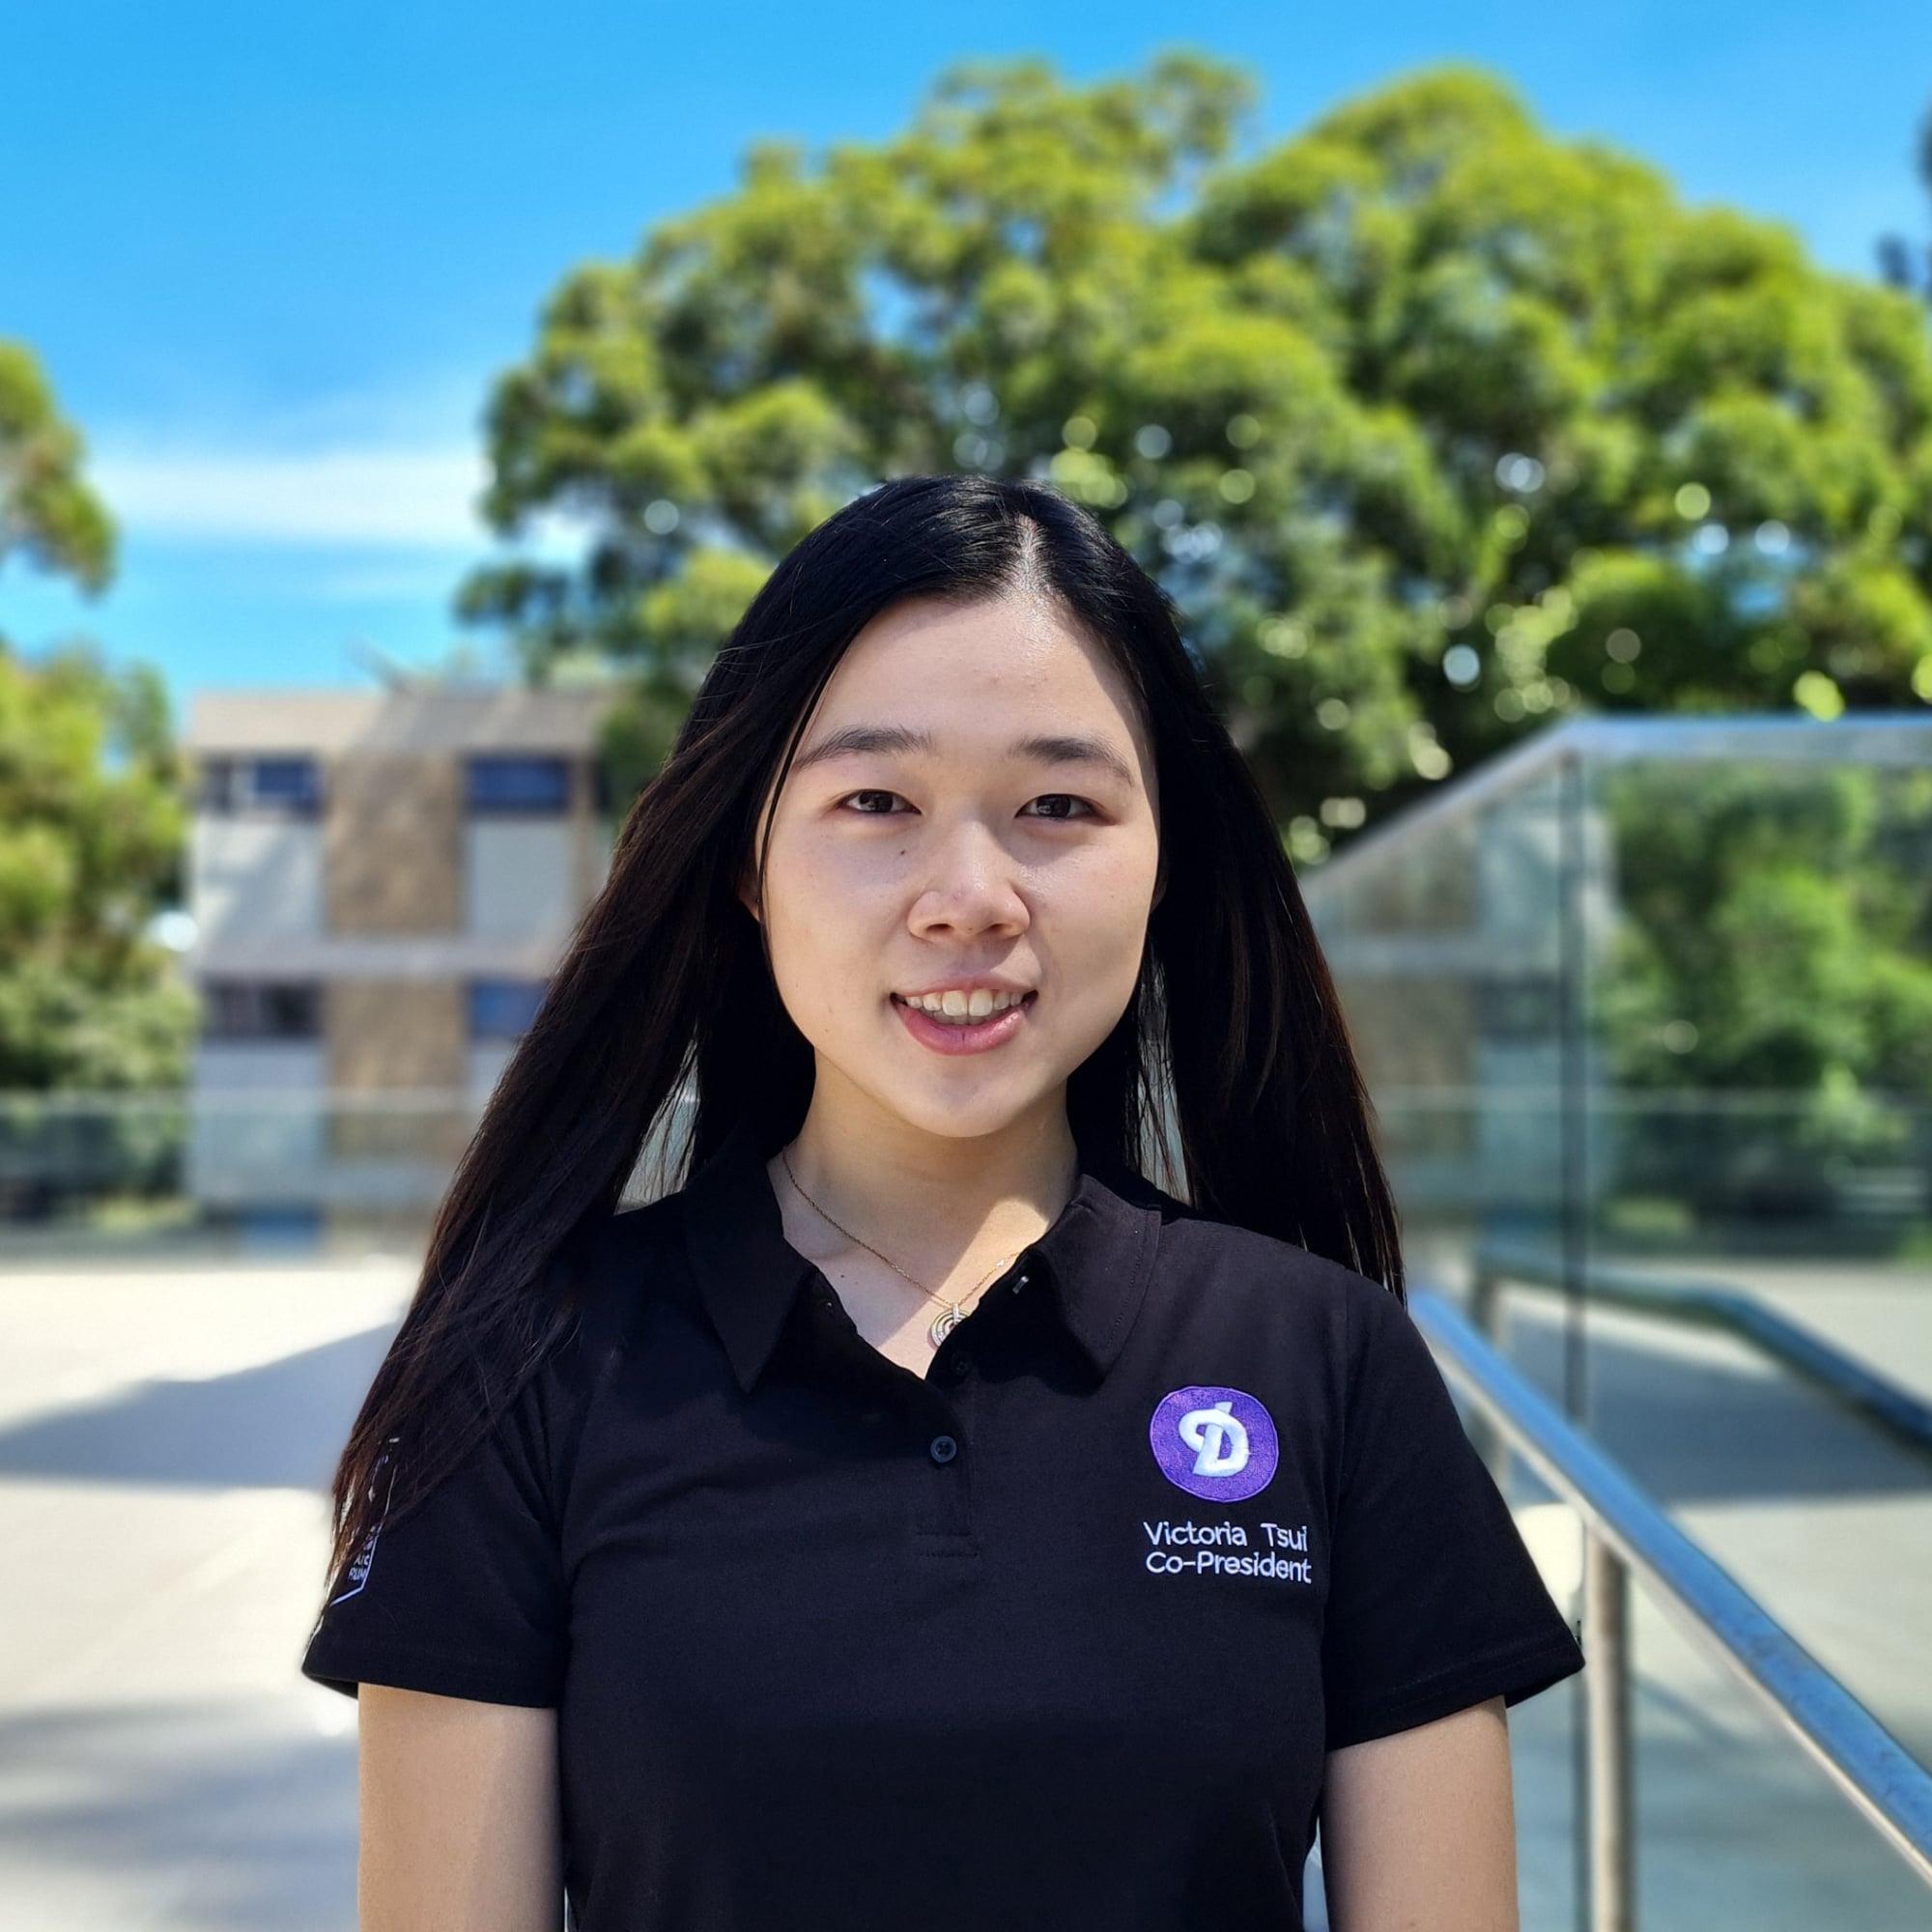 Victoria Zhou